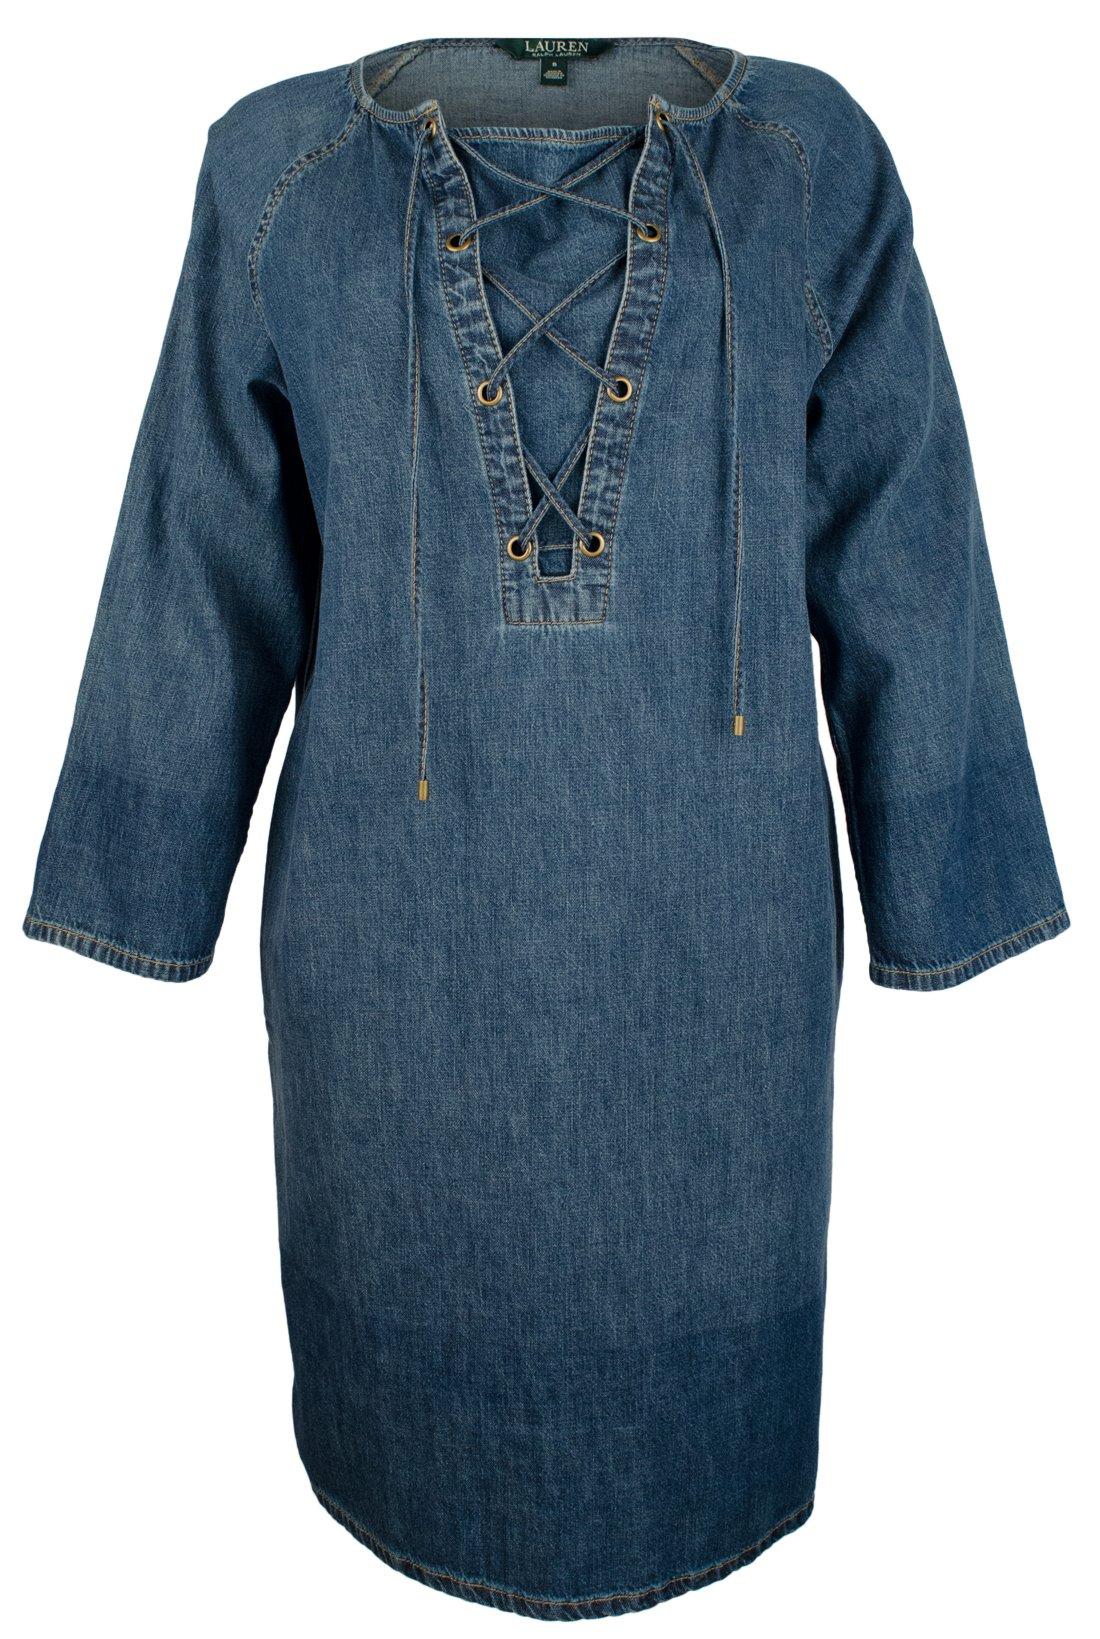 Lauren by Ralph Lauren Women's Petite Lace-Up Denim Cotton Shift Dress-CW-PS